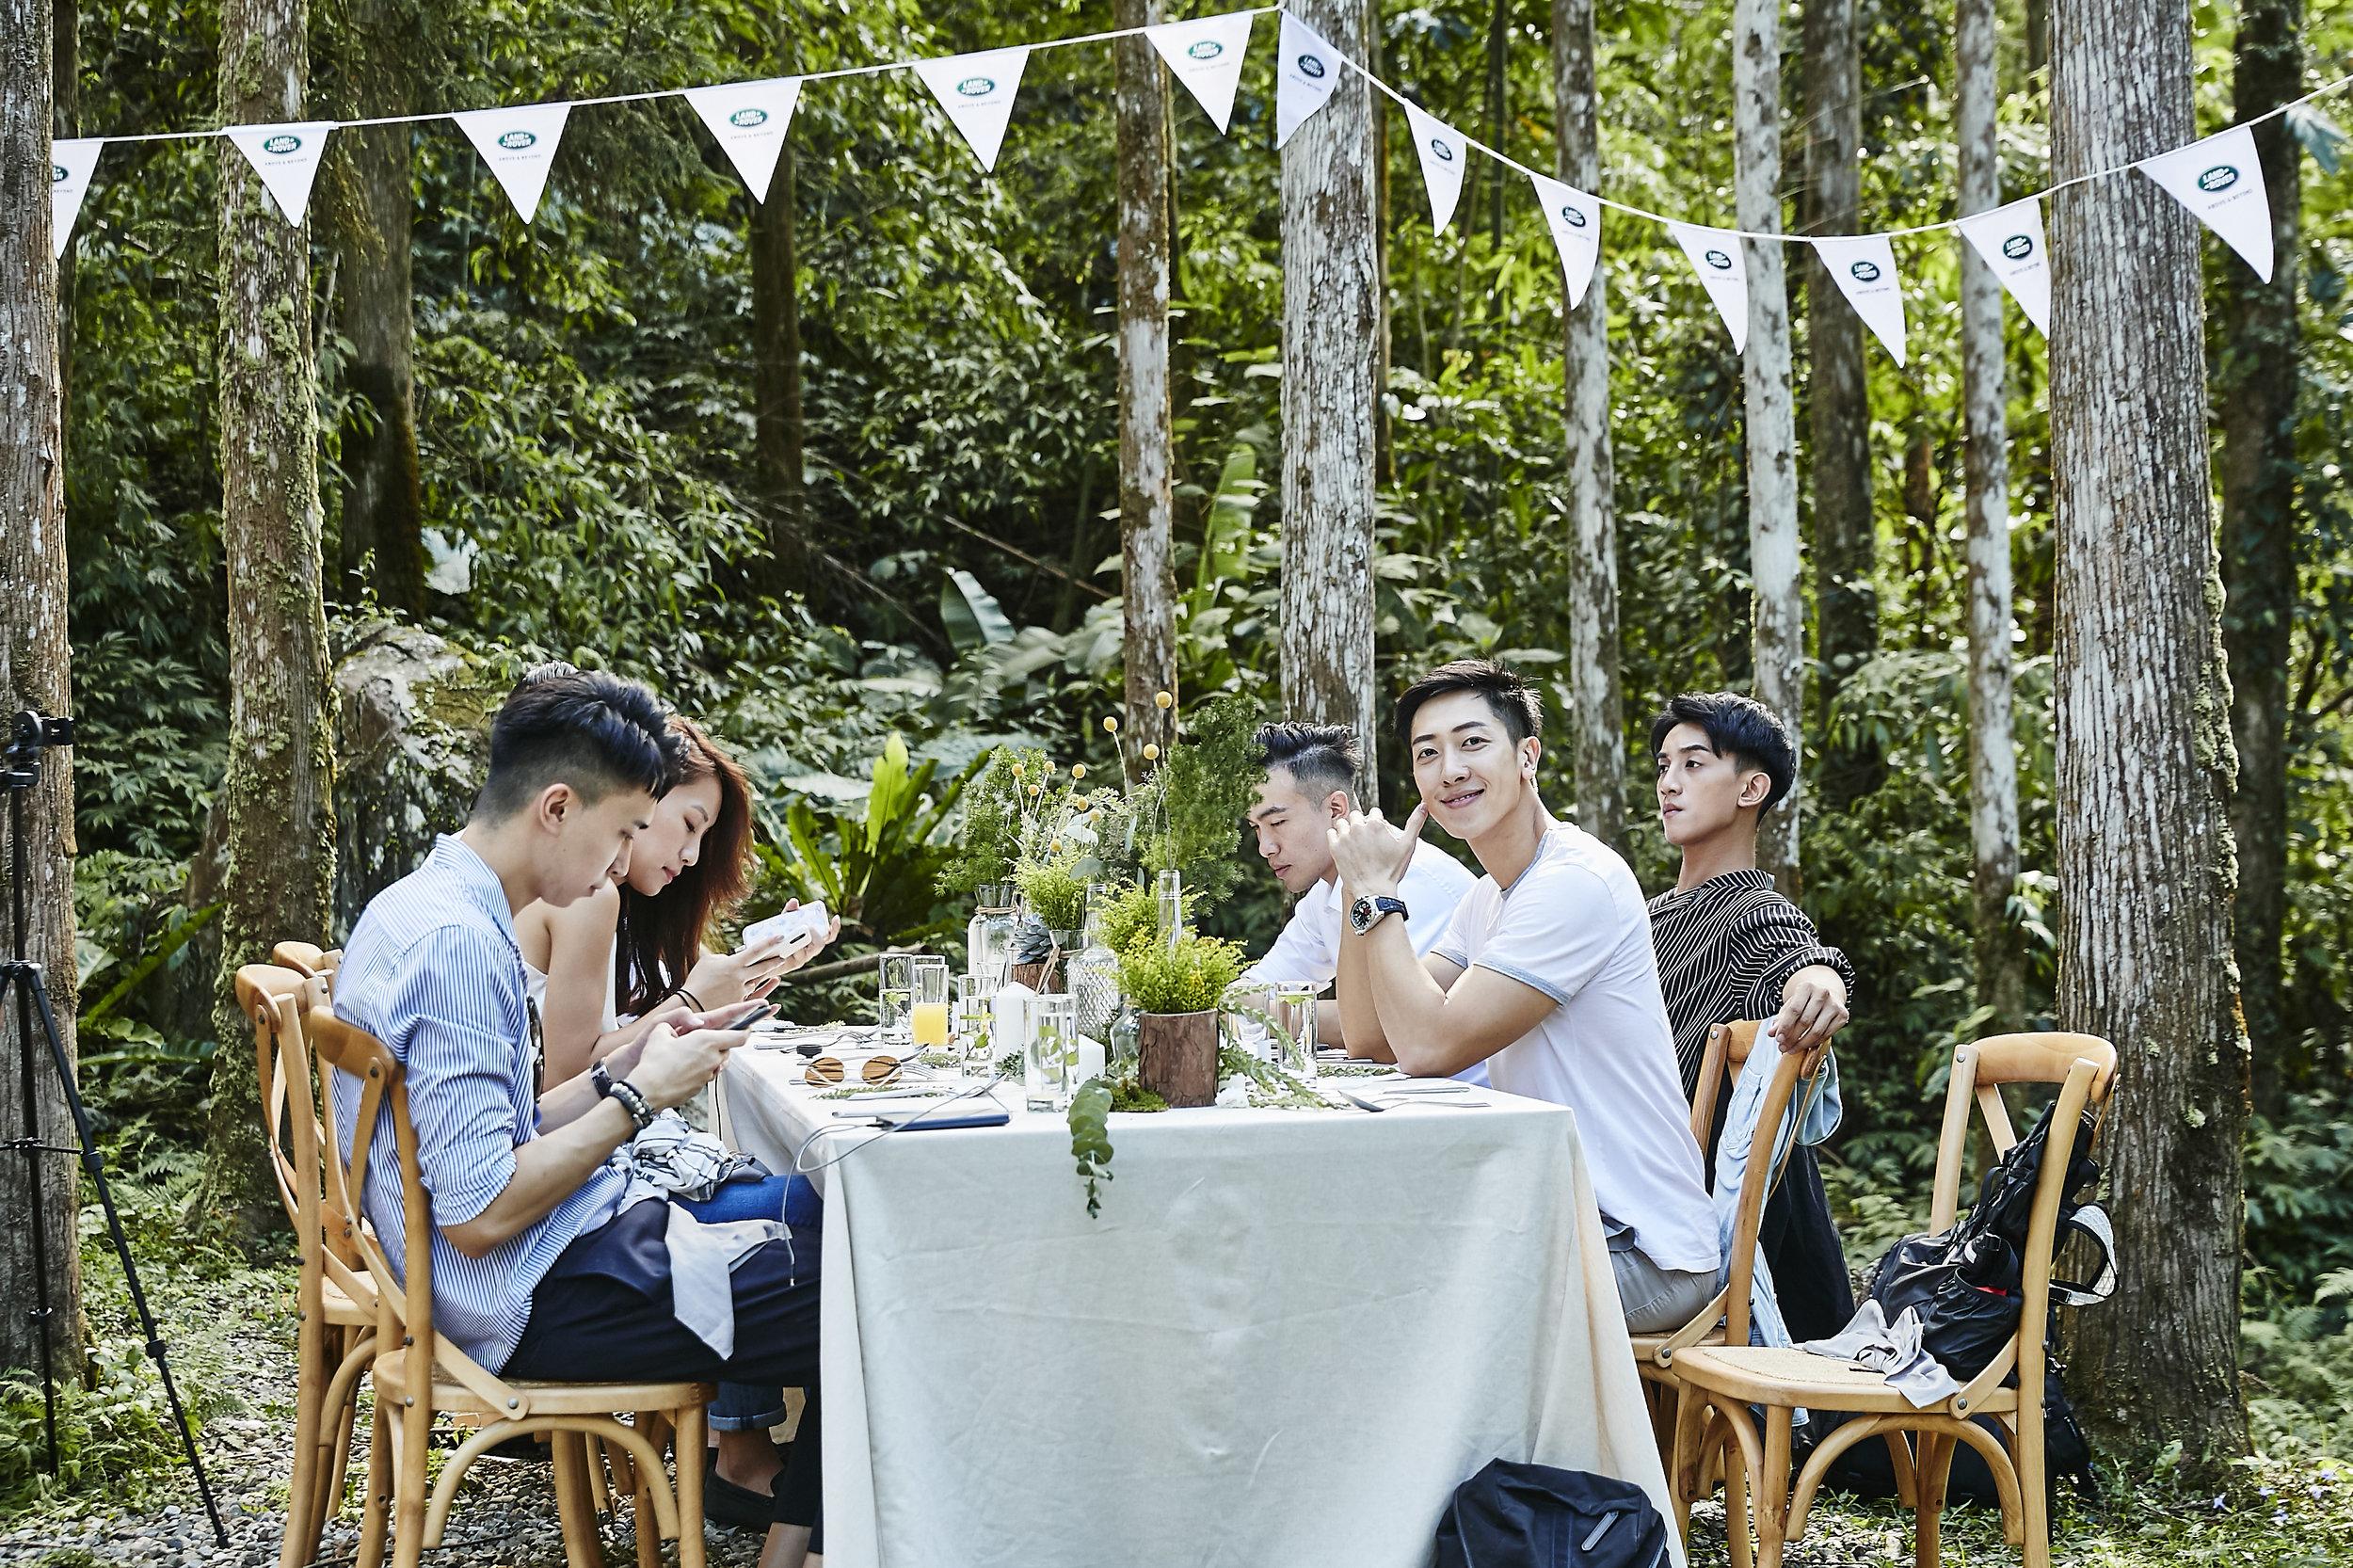 """台湾康泰纳仕桦舍集团以""""代客沟通""""为宗旨,擅长时尚与生活风格领域、用内容说故事,是全方位的媒体整合团队。图为Land Rover Discovery Table。"""